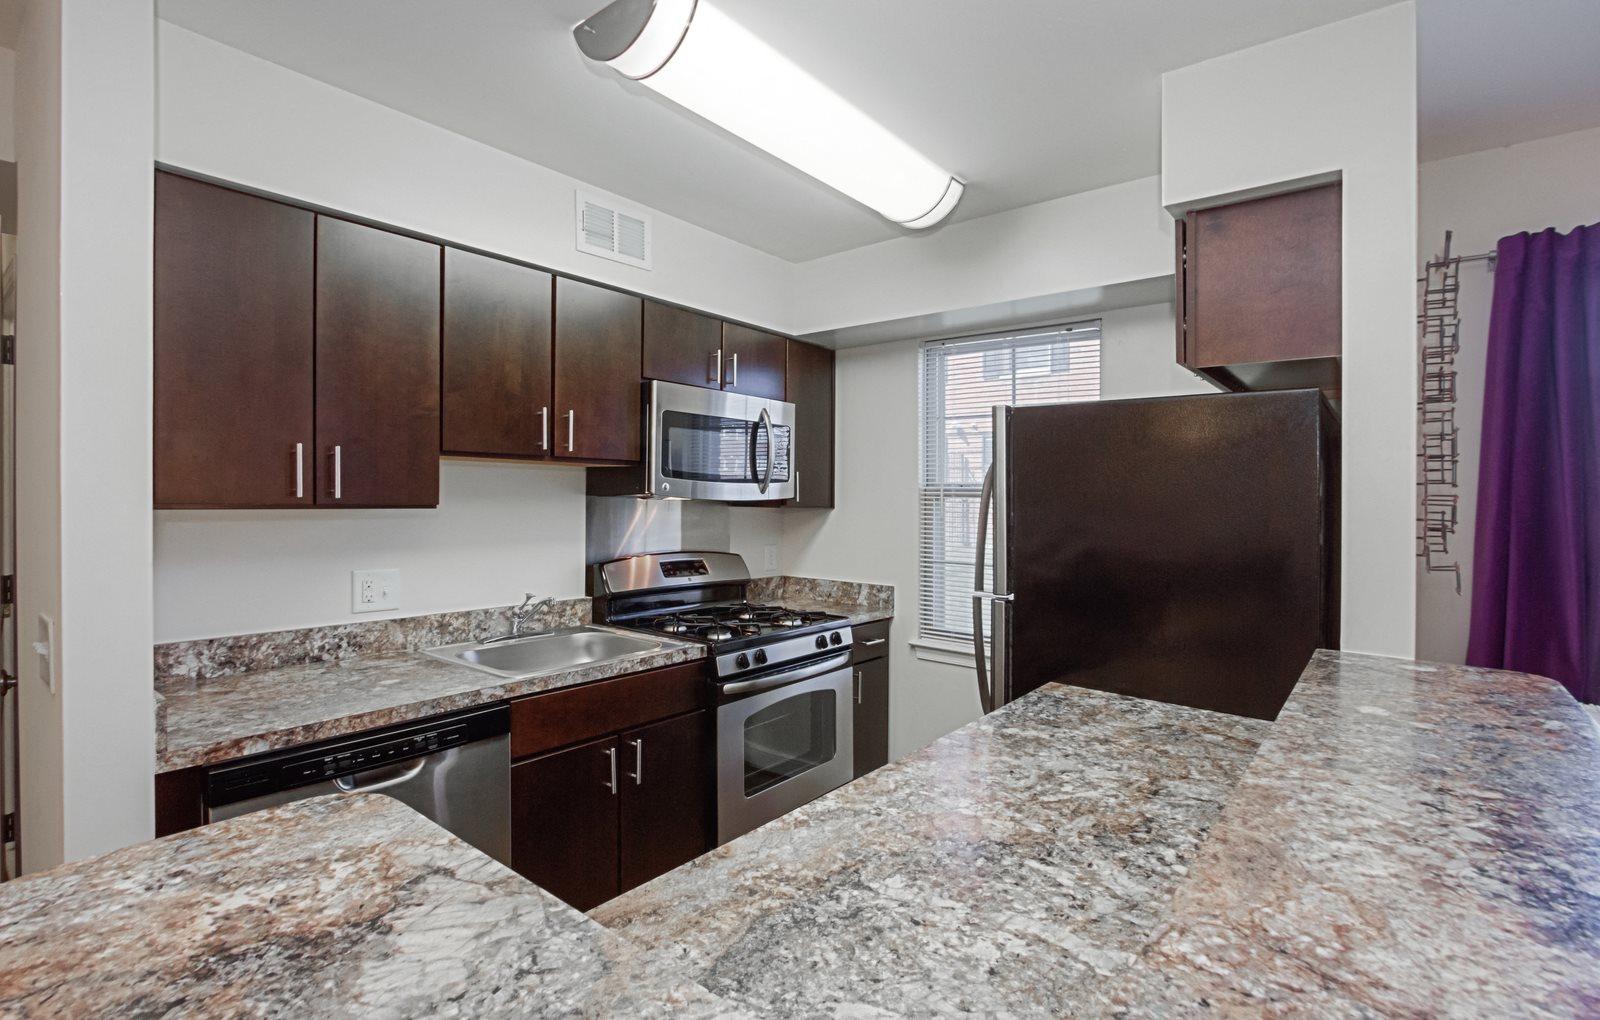 Tremendous Fairway Park Apartments In Washington Dc Download Free Architecture Designs Grimeyleaguecom